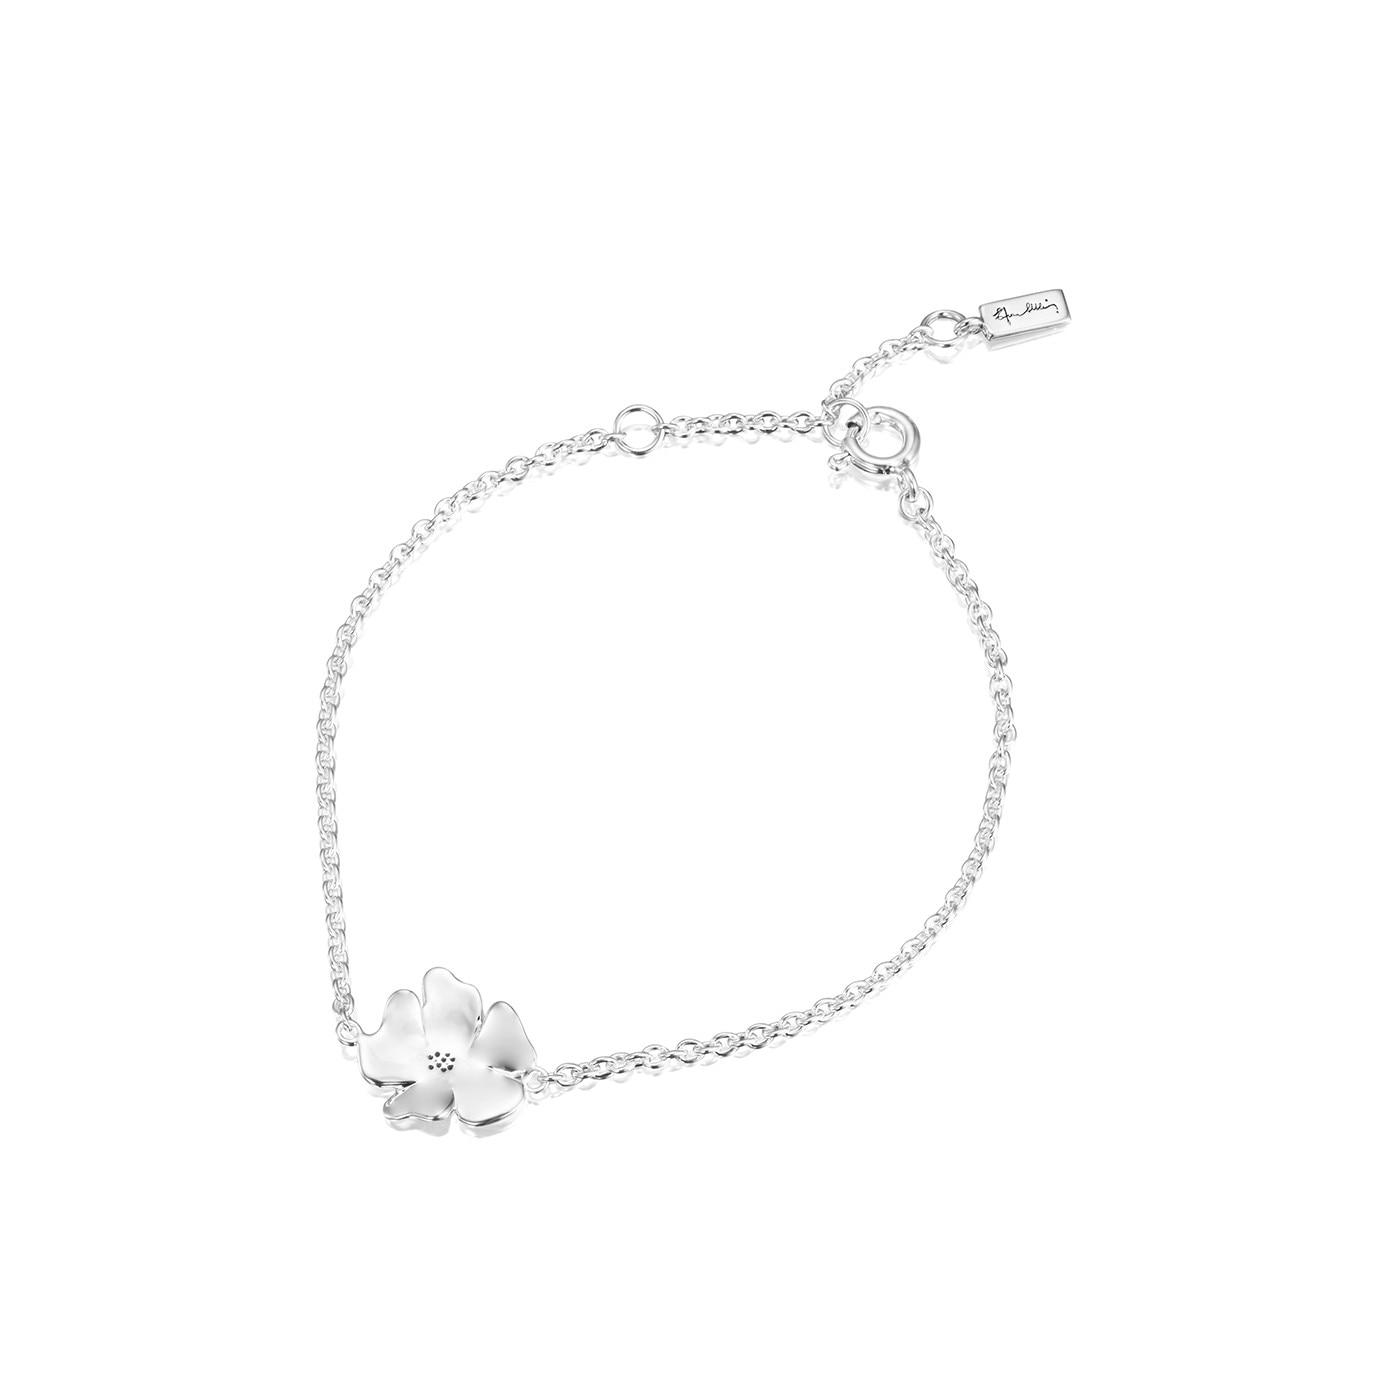 violet_bracelet_14-100-01434_2_